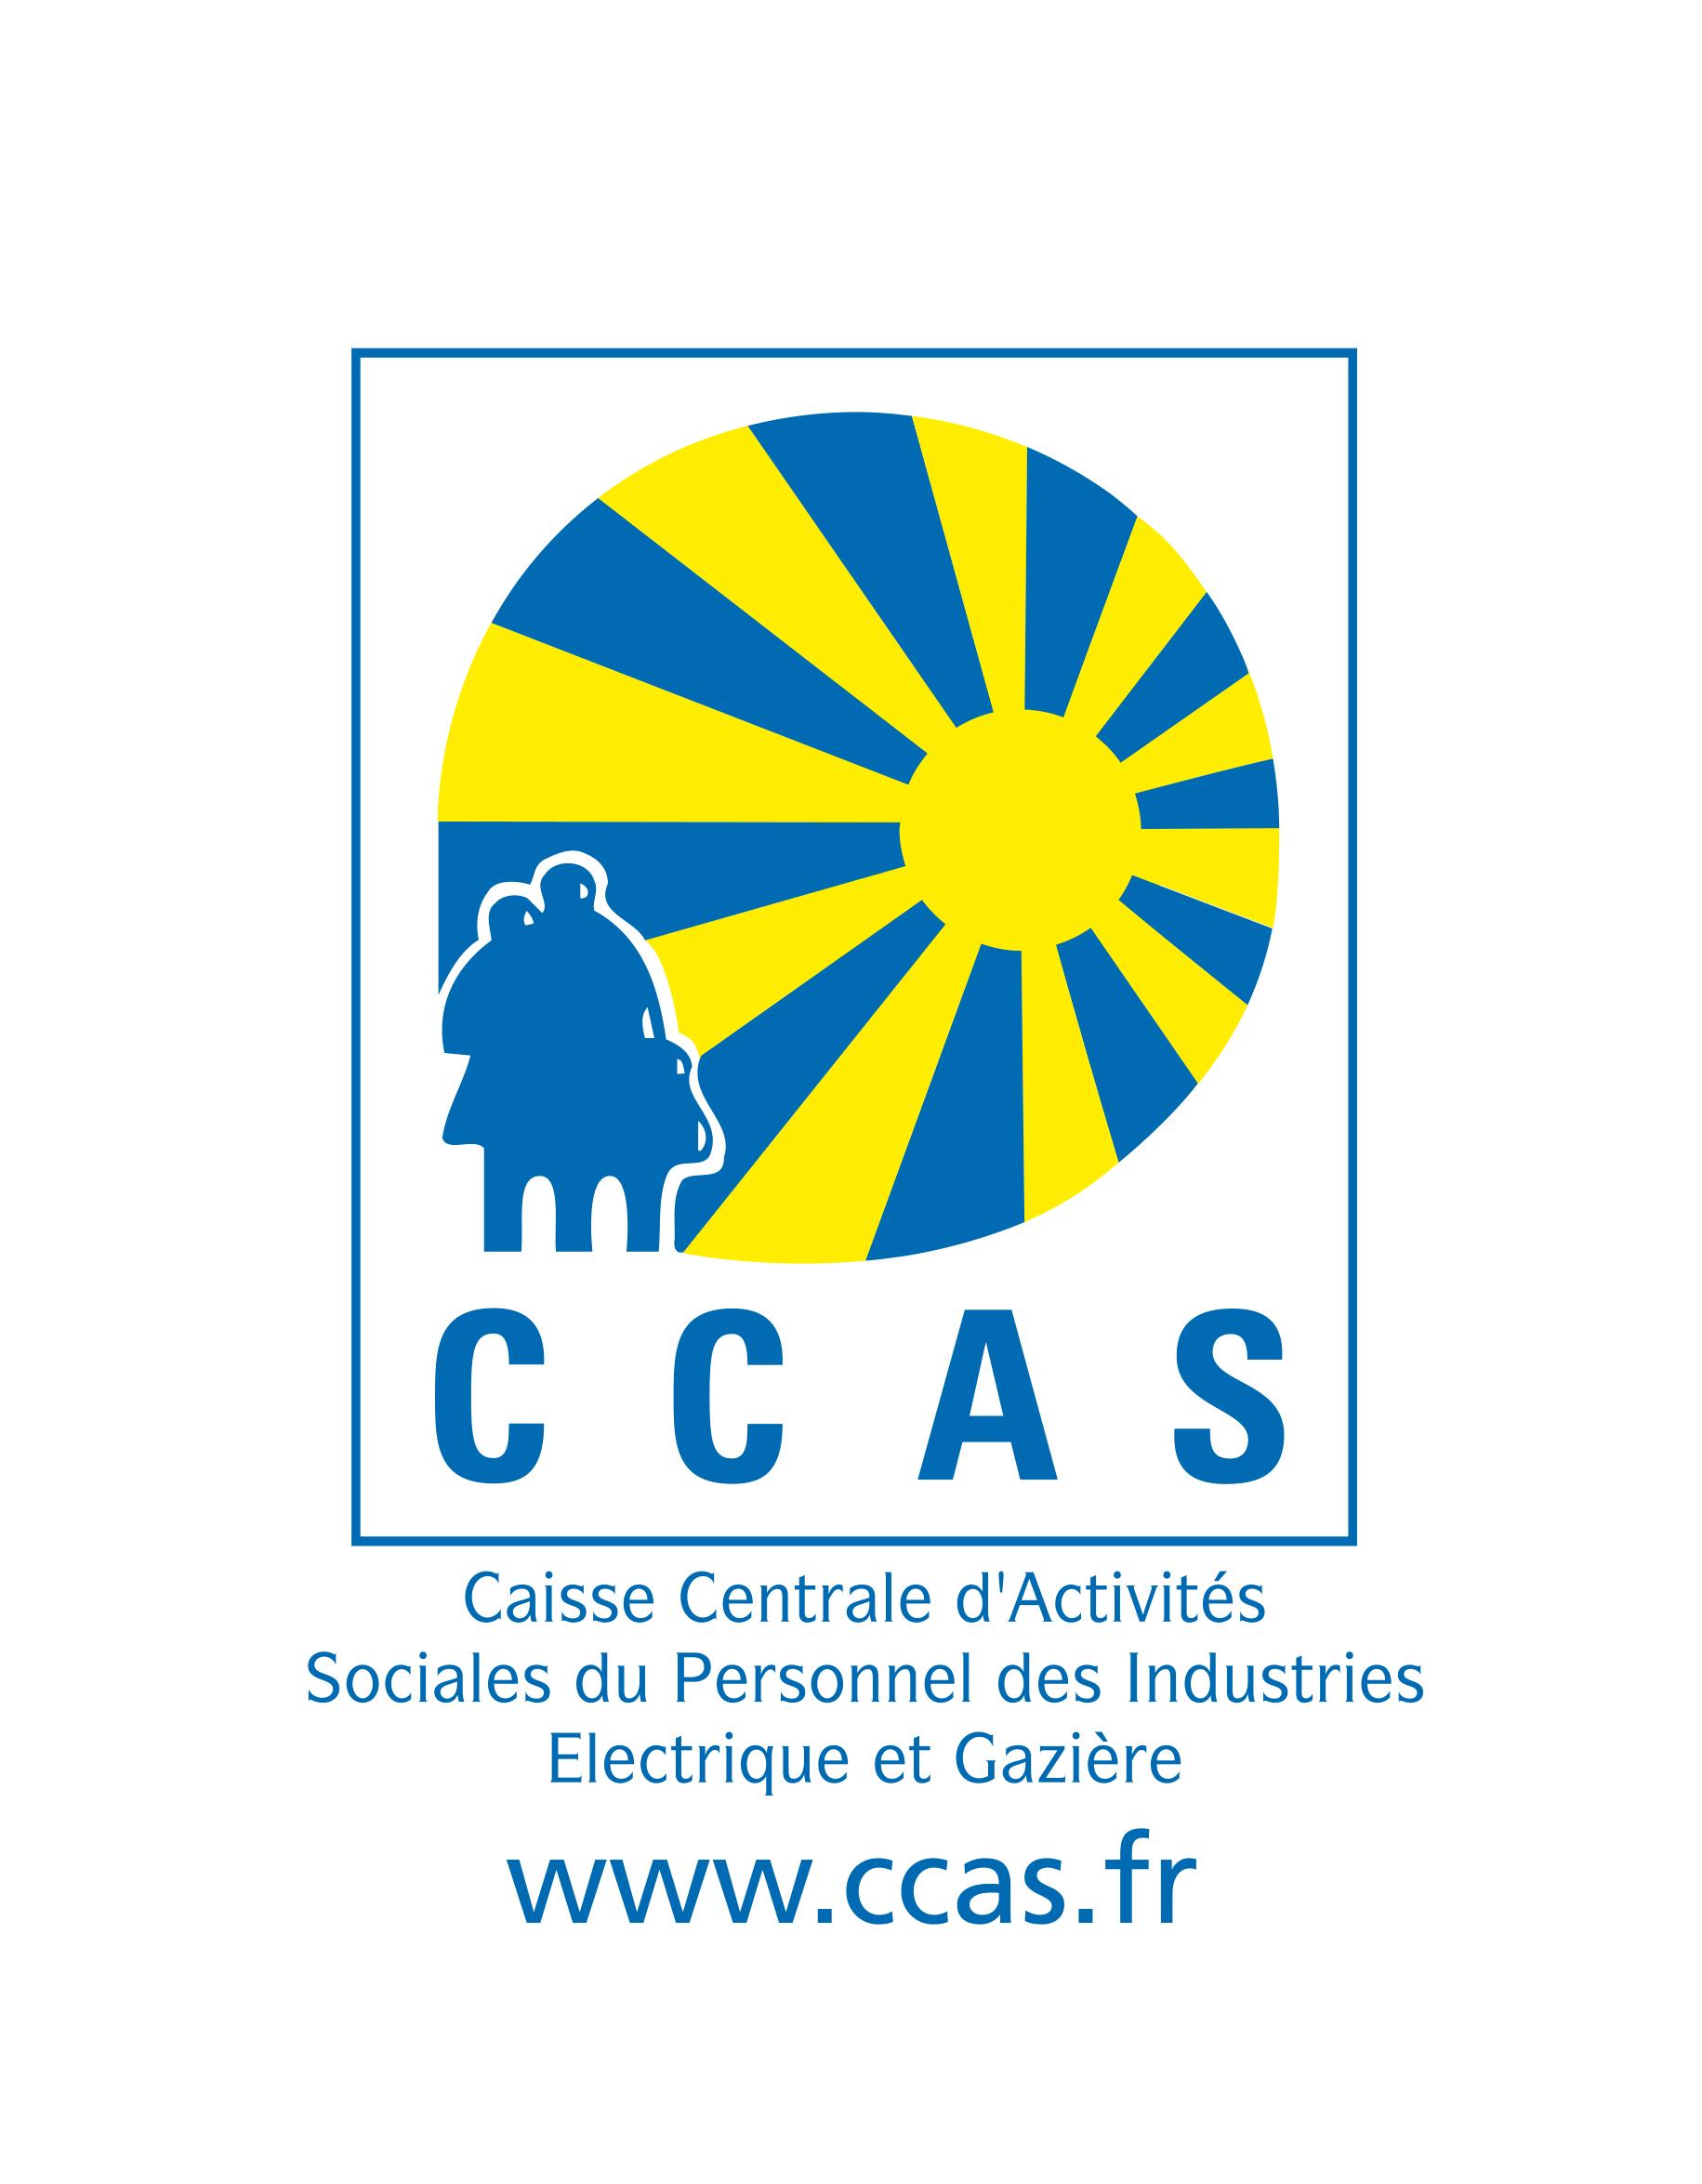 CCAS_des industries